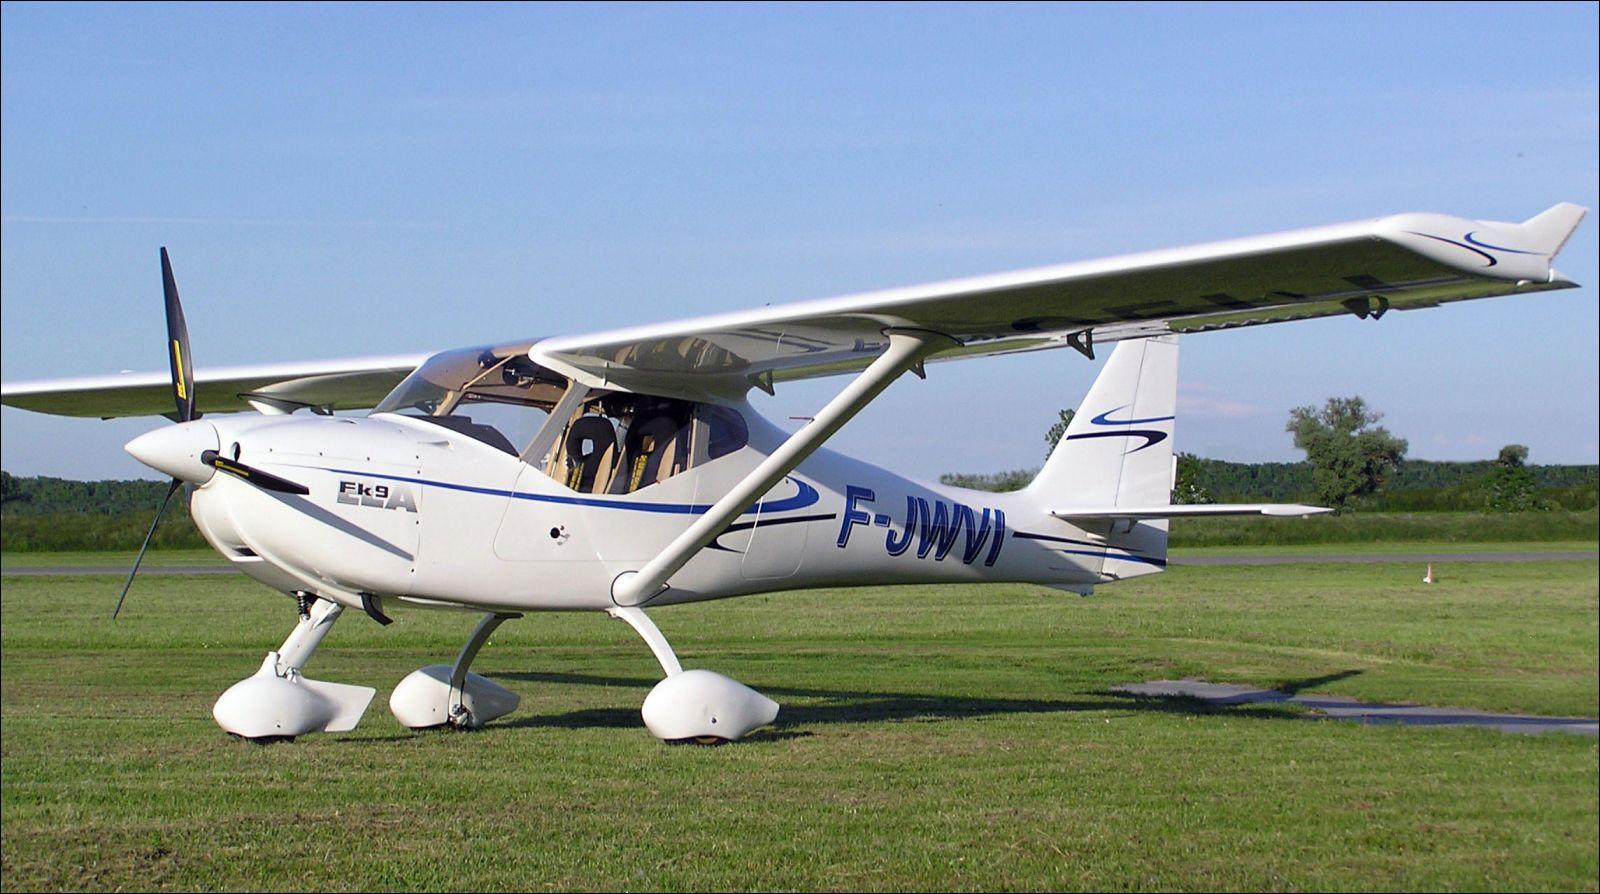 Почему самолетостроение бизнес-моделей еще не дало самолета или вертолета массового использования